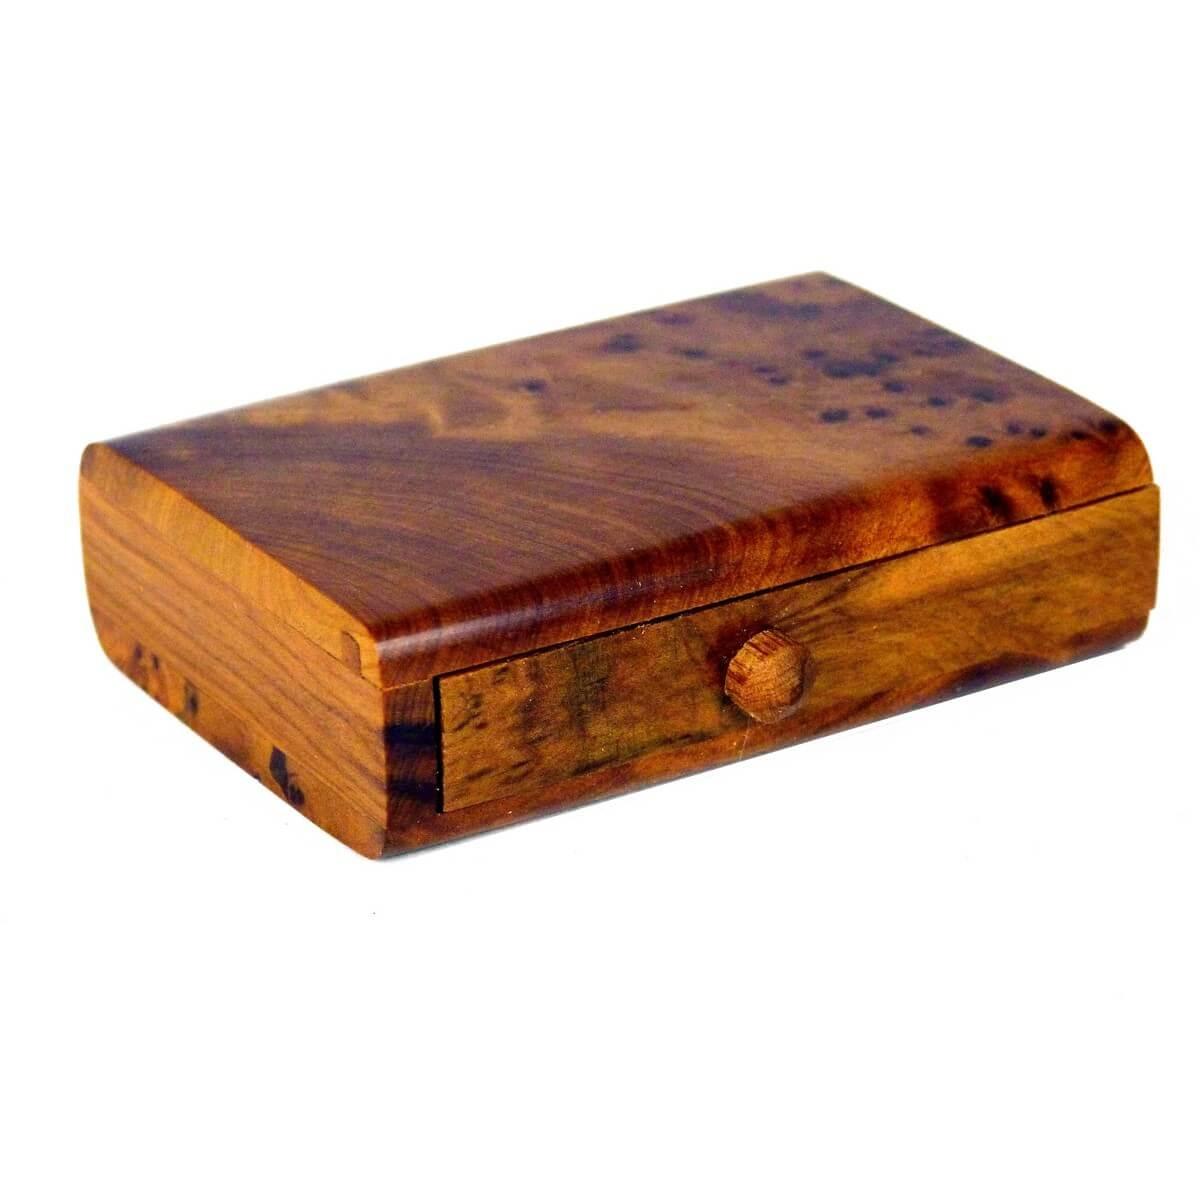 bois thuya jouet serpent bo te nouveaut s bei ende magiques caisse ensorceler ebay. Black Bedroom Furniture Sets. Home Design Ideas